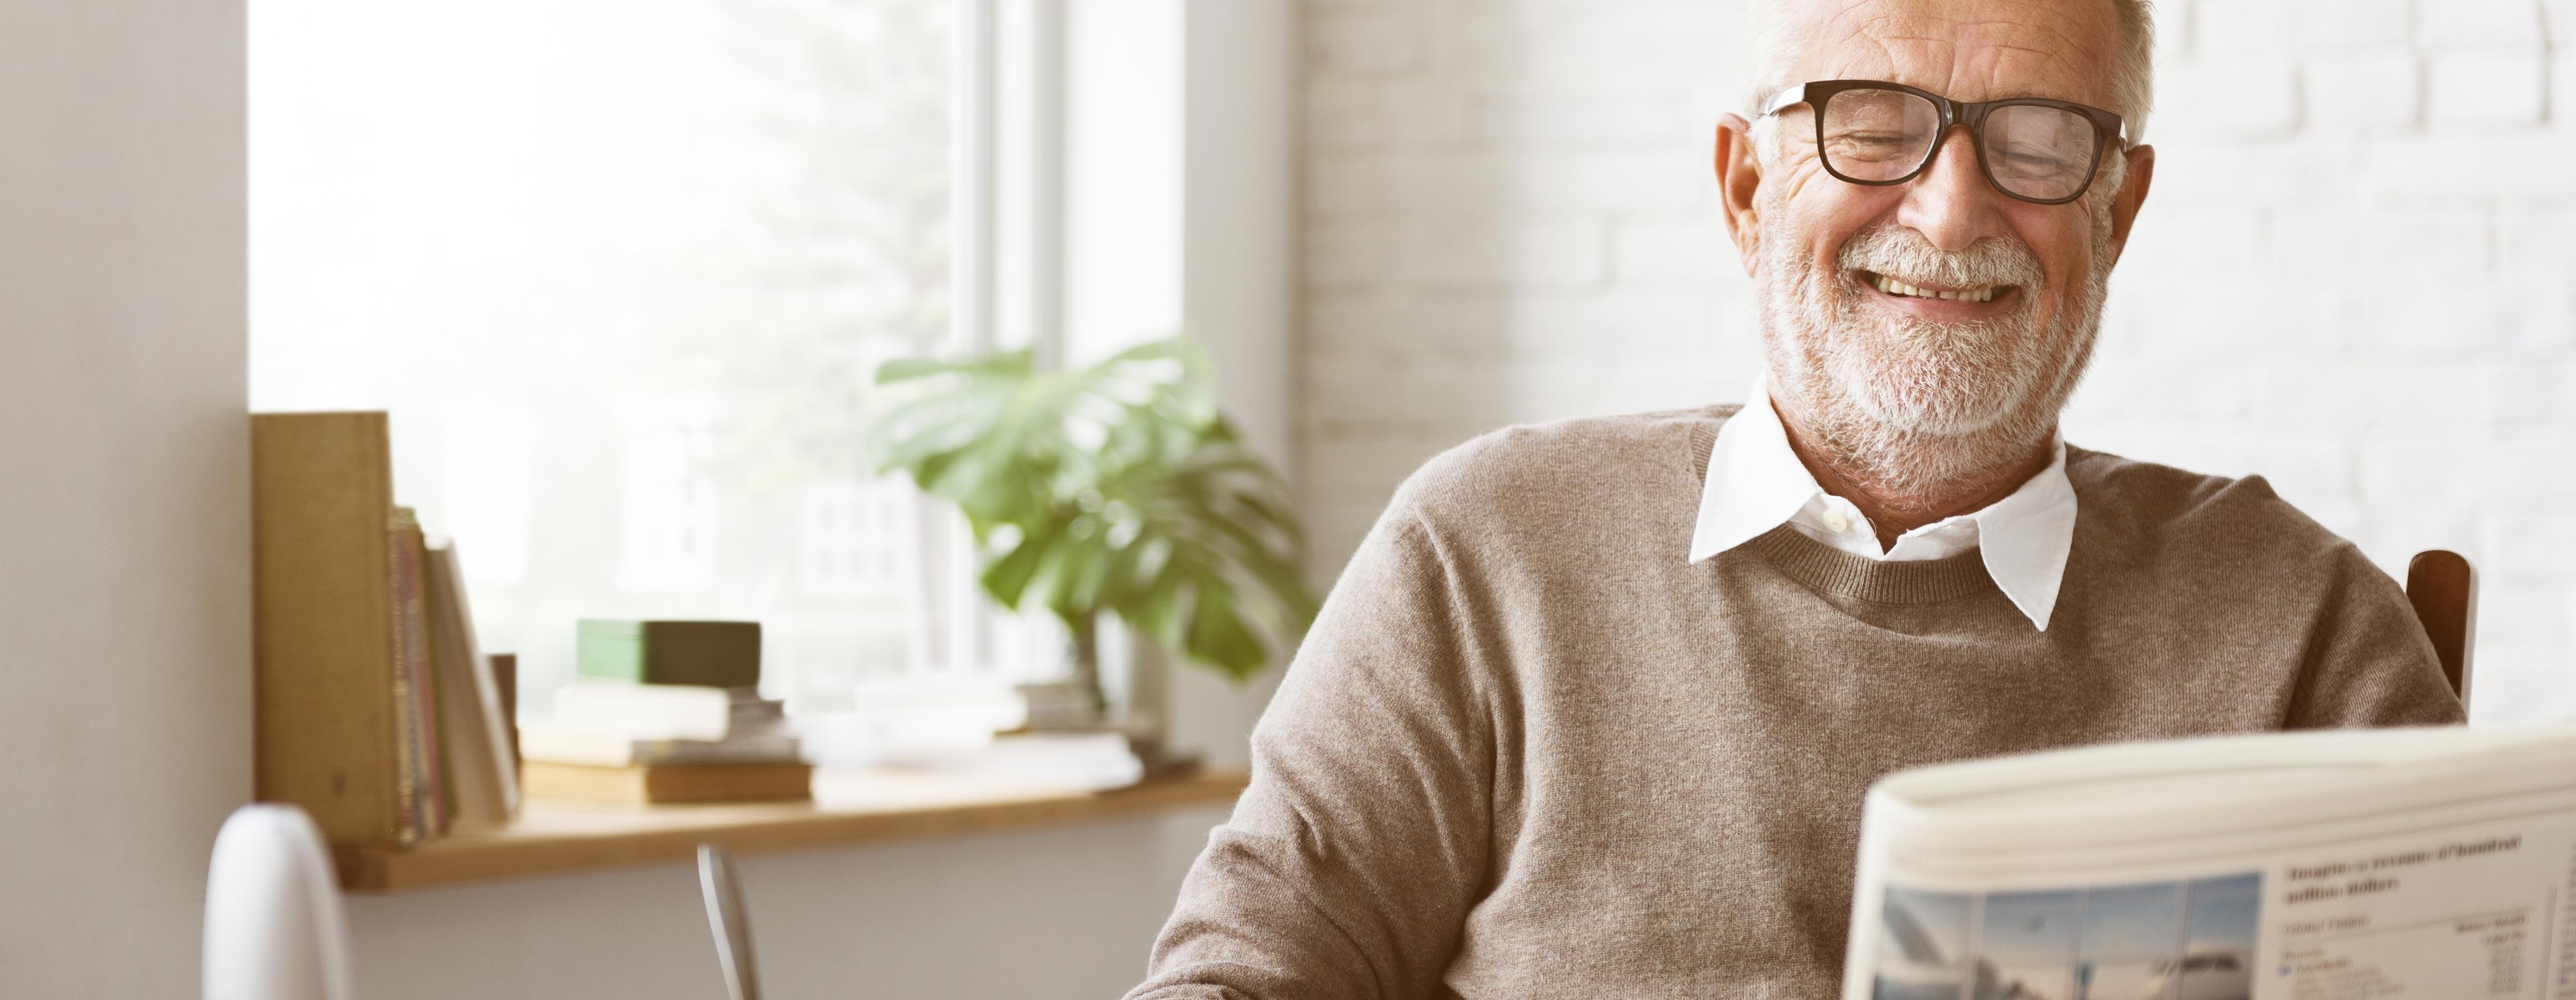 Oudere man met de krant